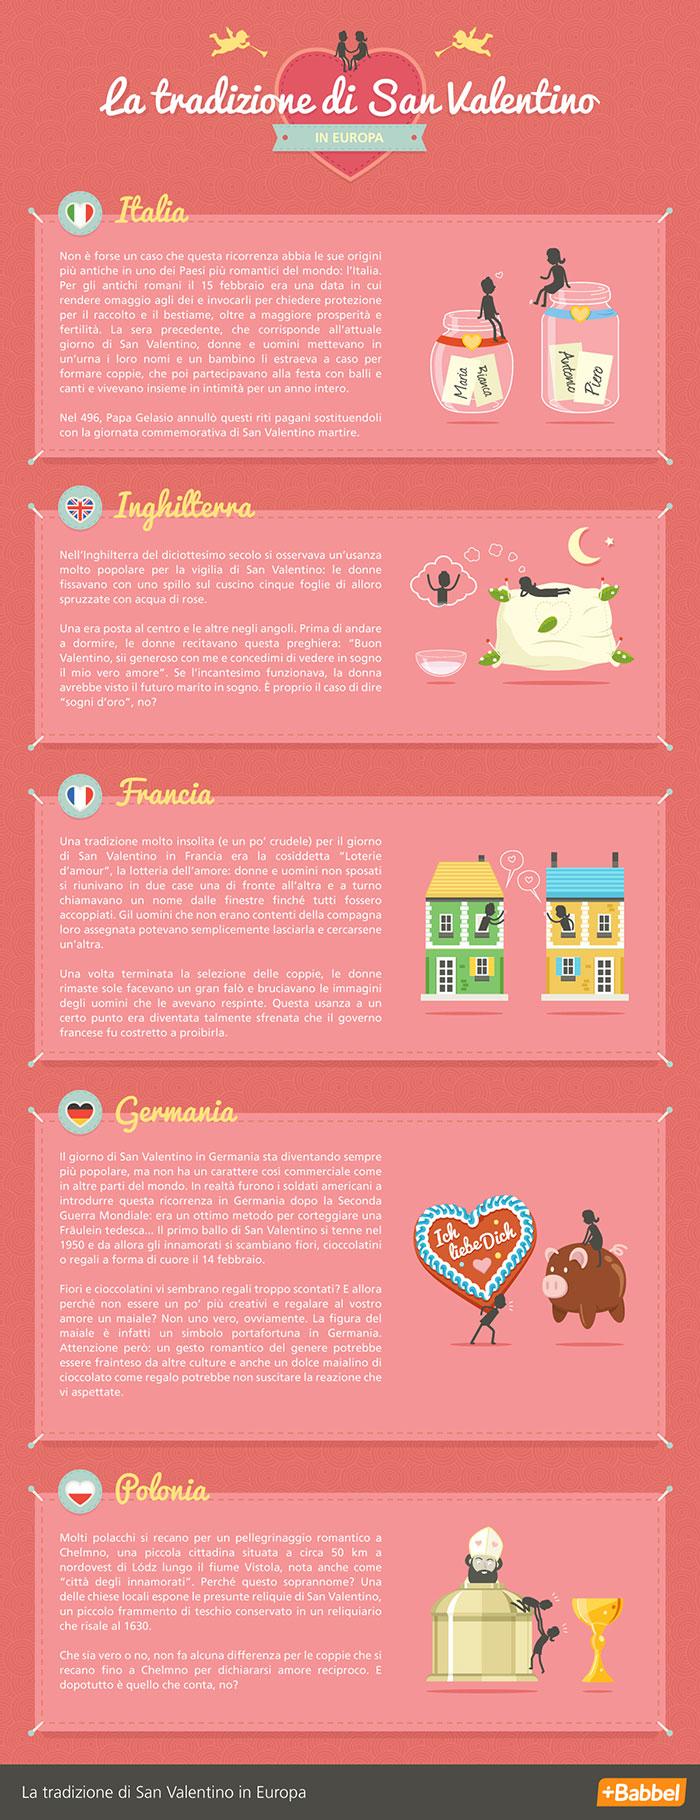 La tradizione di San Valentino in Europa